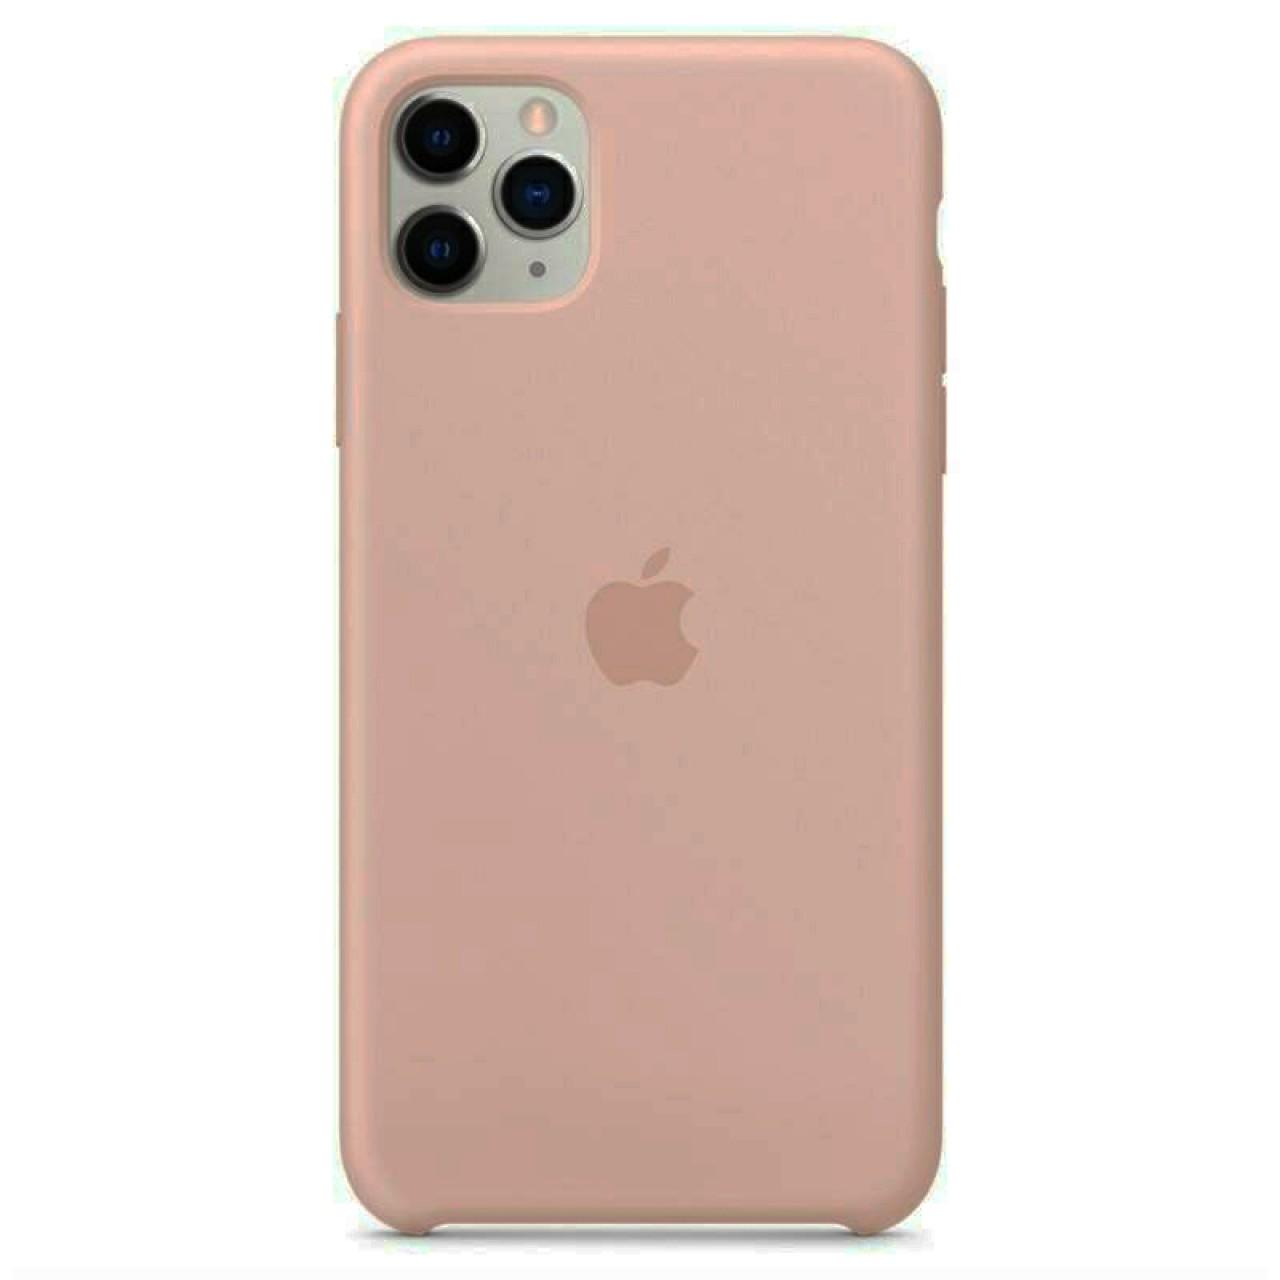 ΘΗΚΗ ΠΡΟΣΤΑΣΙΑΣ ΣΙΛΙΚΟΝΗΣ ΓΙΑ iPhone 11 PRO ΣΑΠΙΟ ΜΗΛΟ - BACK COVER SILICON CASE NUDE - OEM